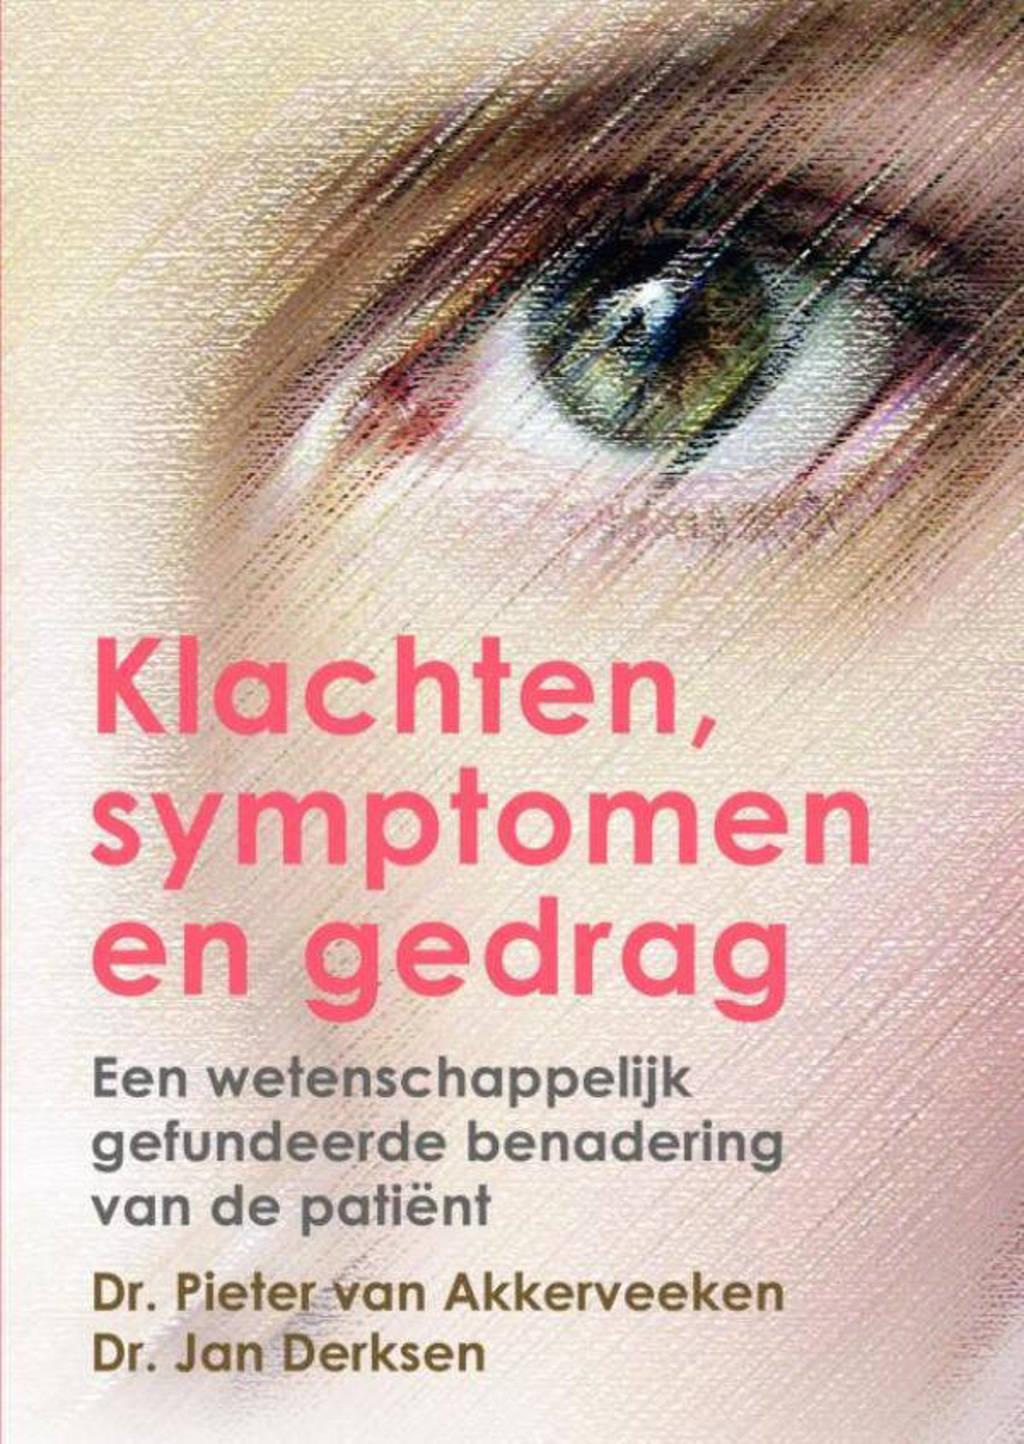 Klachten, symptomen en gedrag - Pieter van Akkerveeken en Jan Derksen